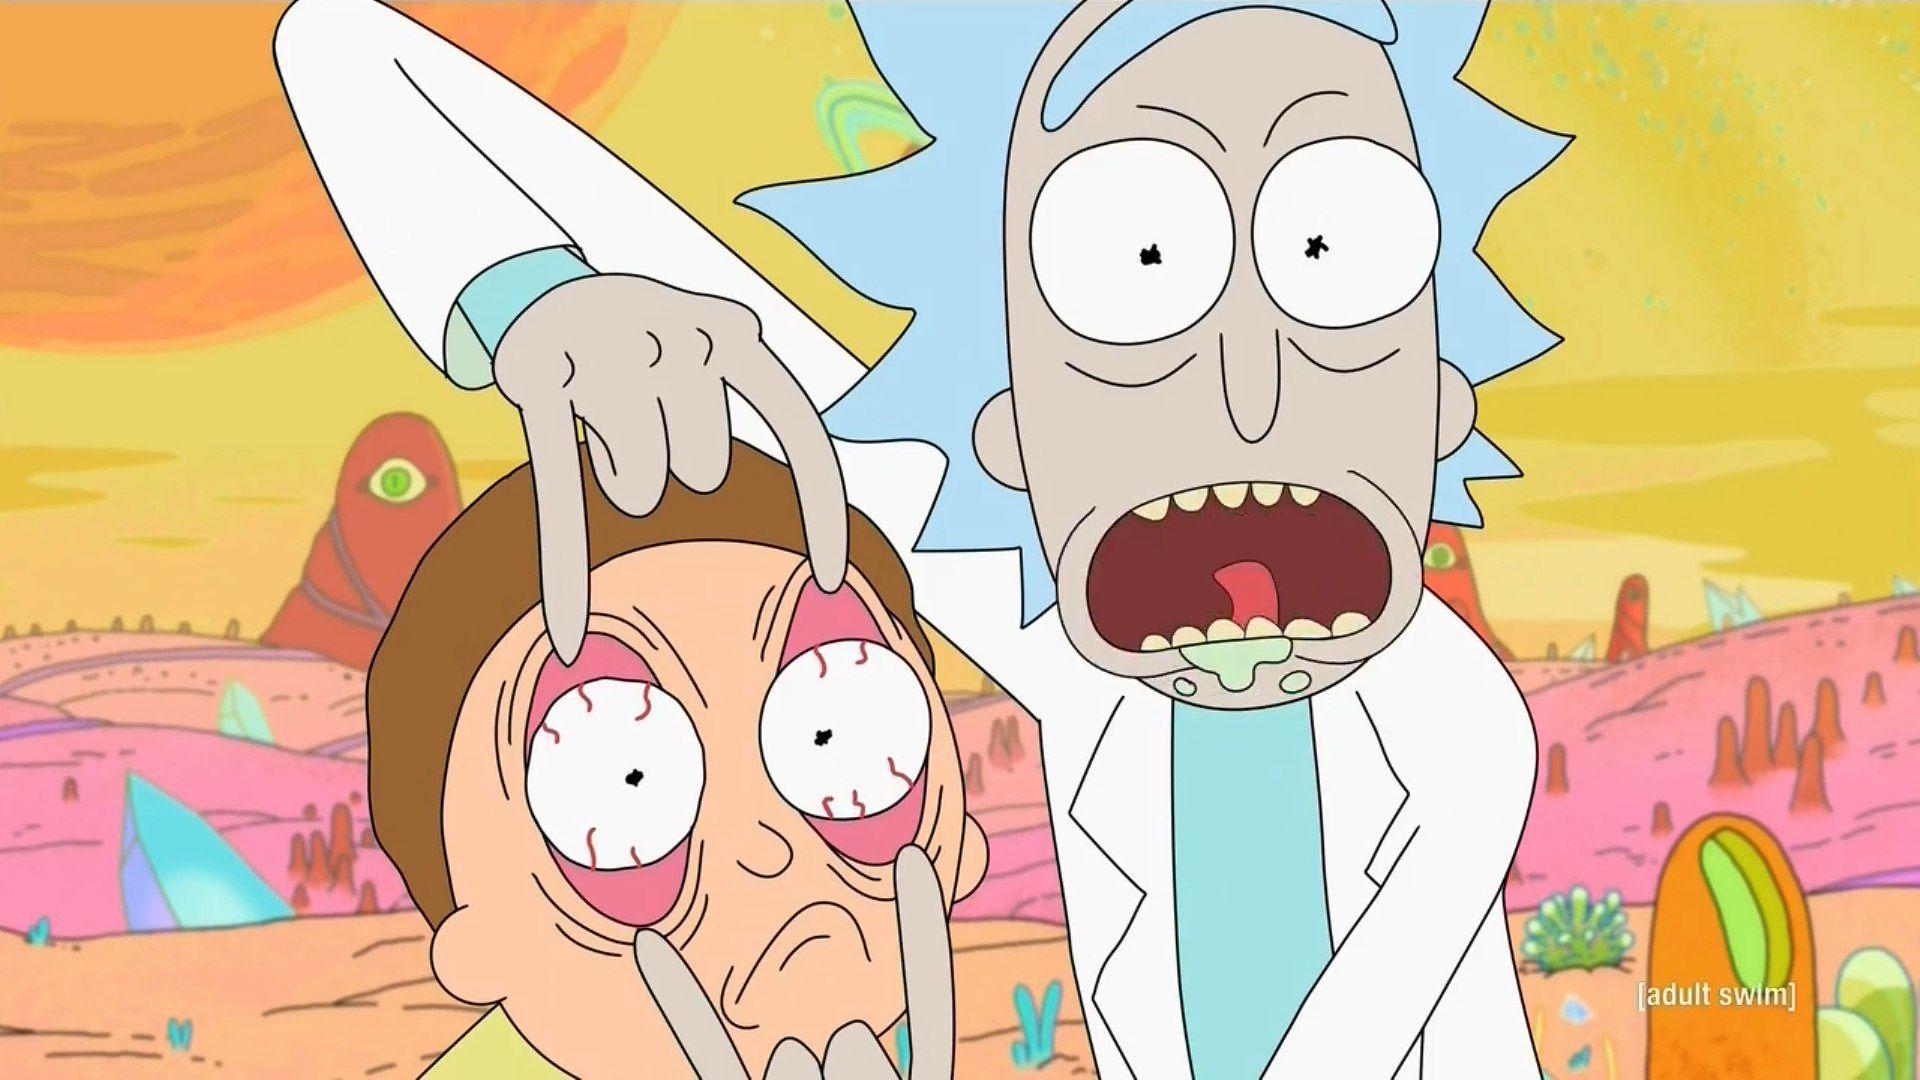 Wubba lubba dub dub, czyli czemu Rick i Morty są tak bardzo schwifty.